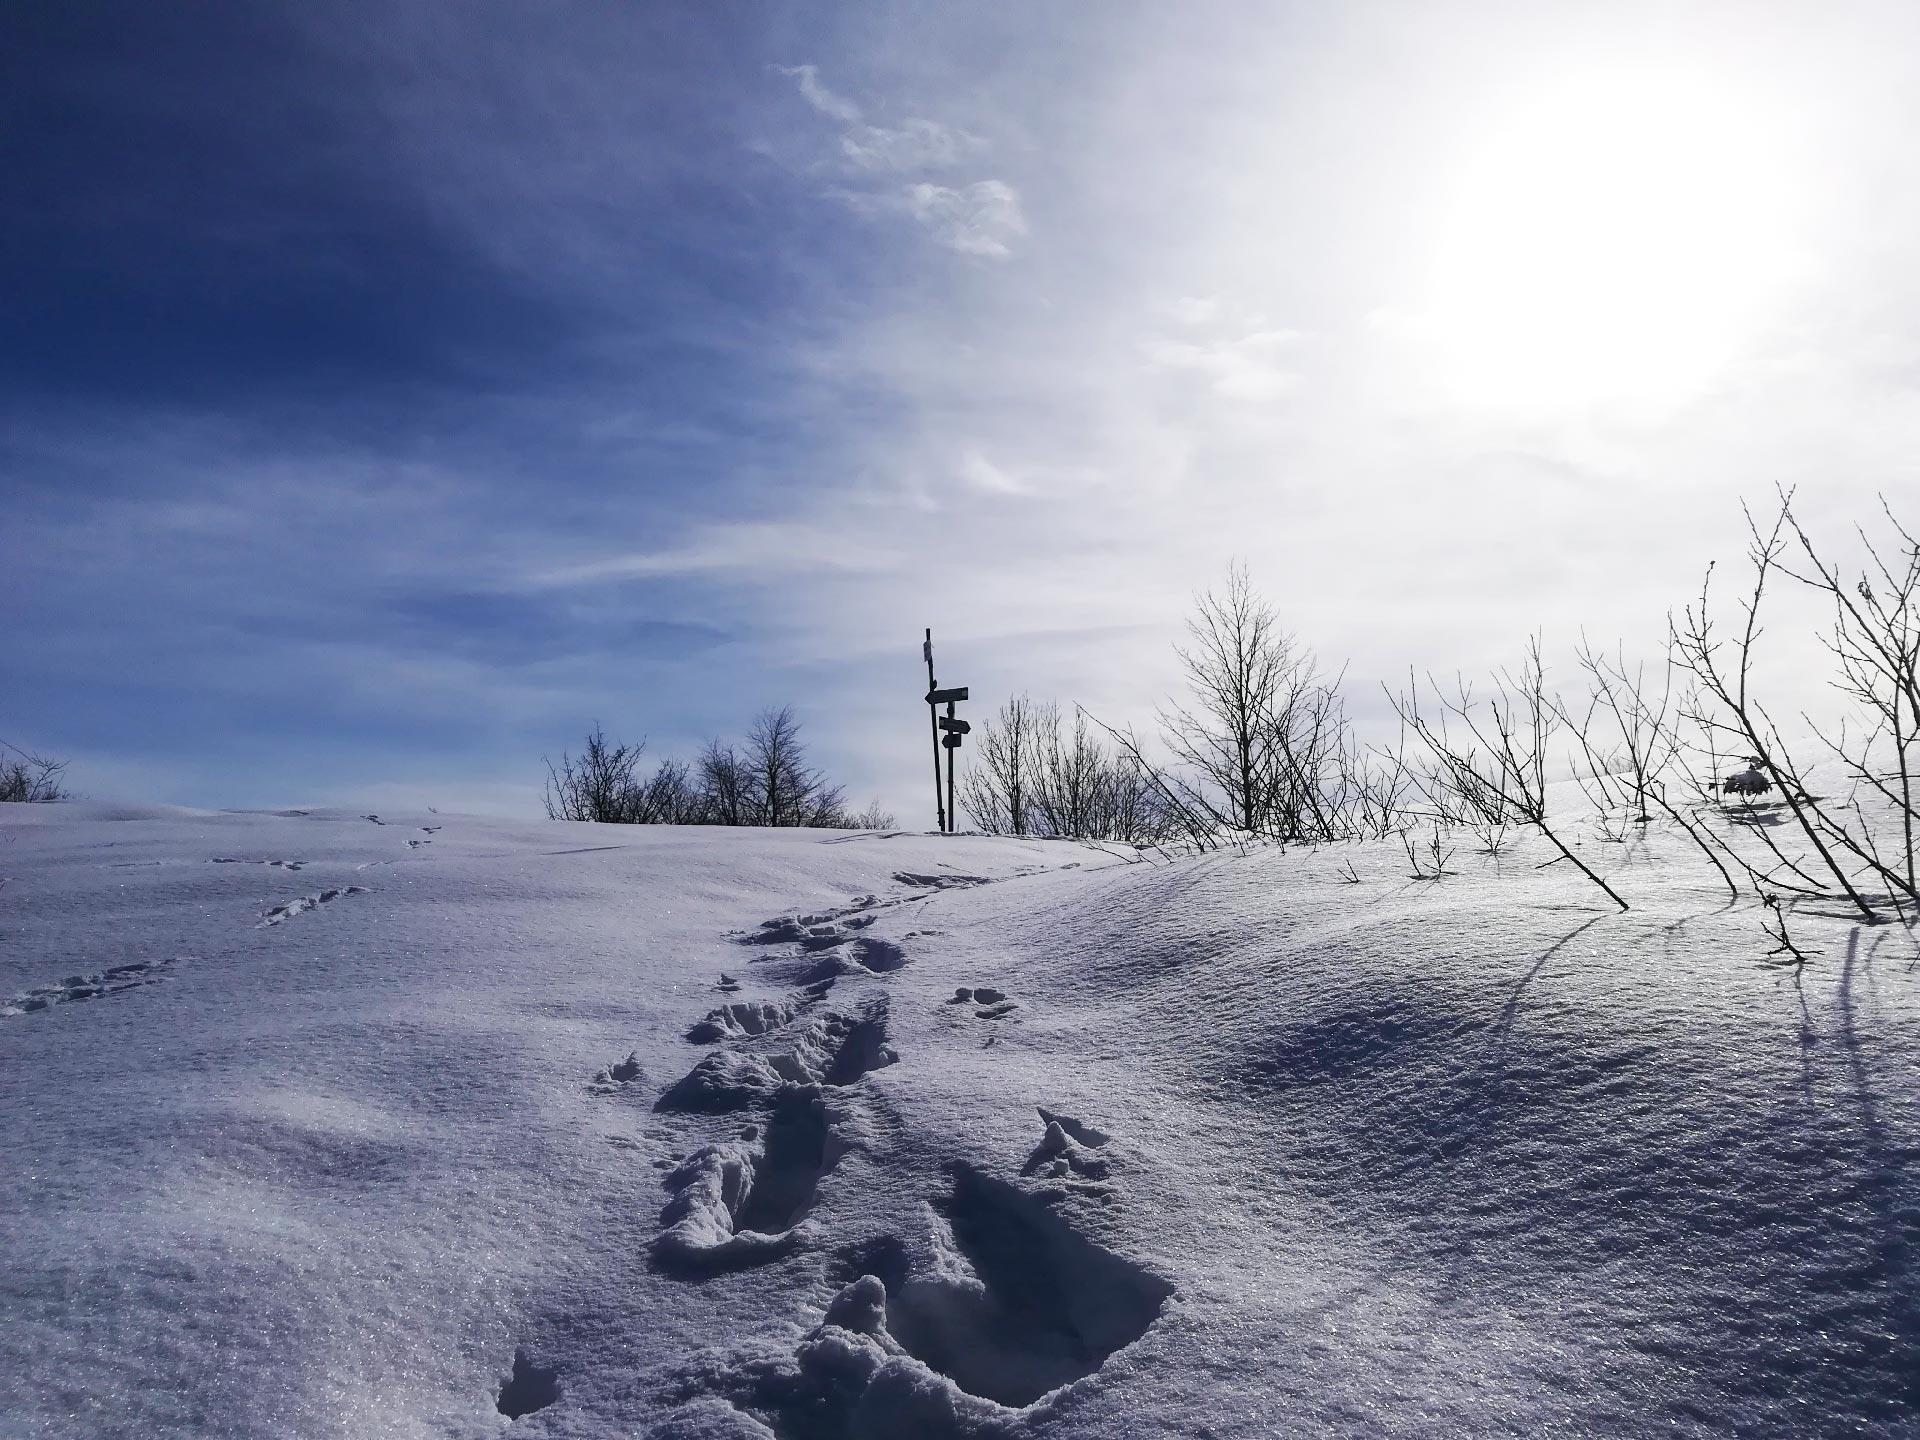 scorcio di sentiero innevato che porta verso Morterone, Valsassina, Lombardia